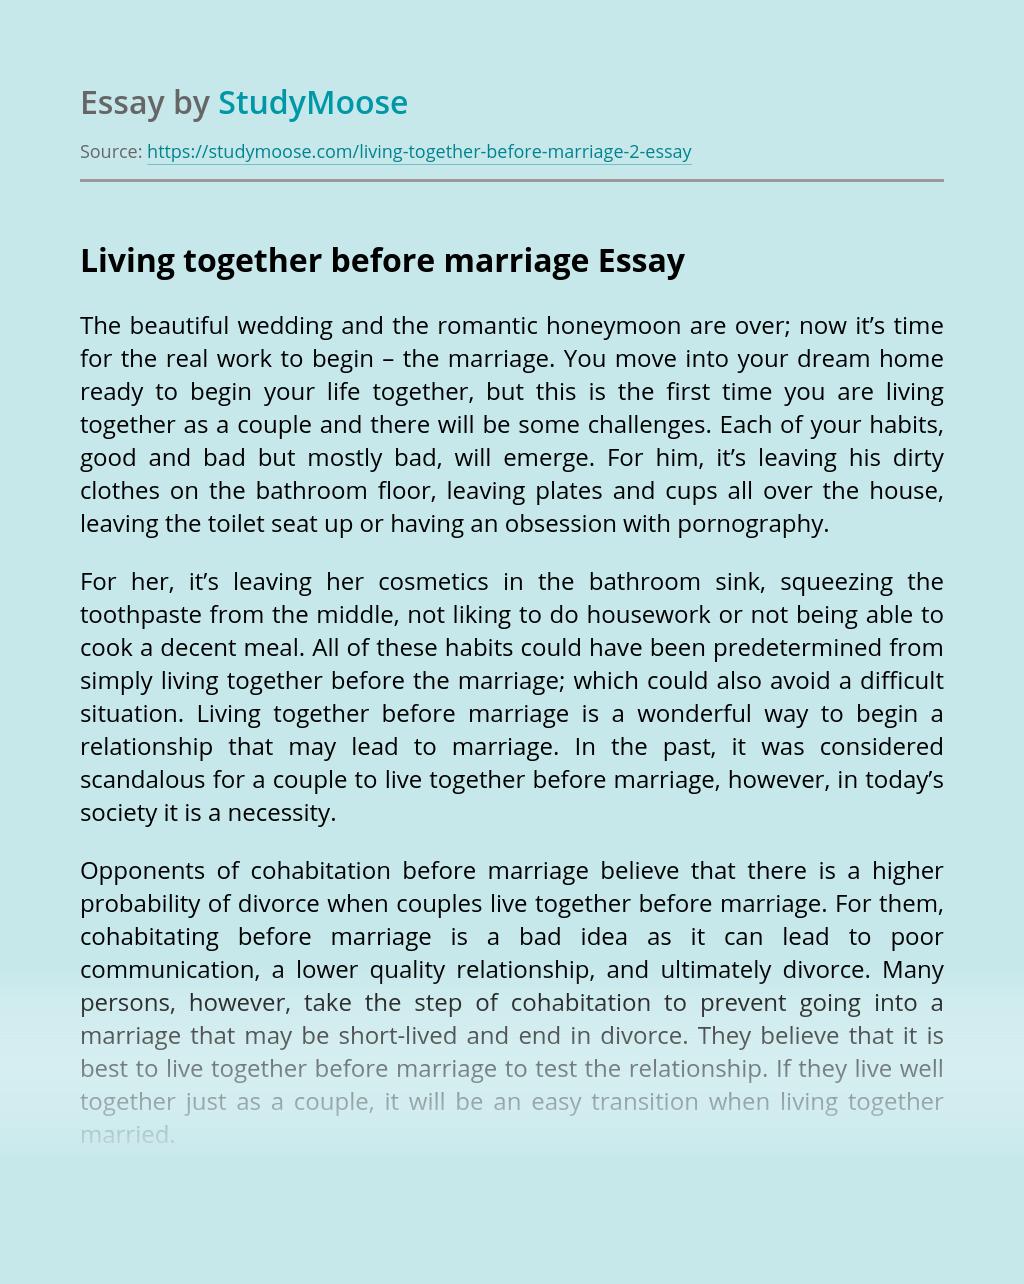 Cohabitating before marriage